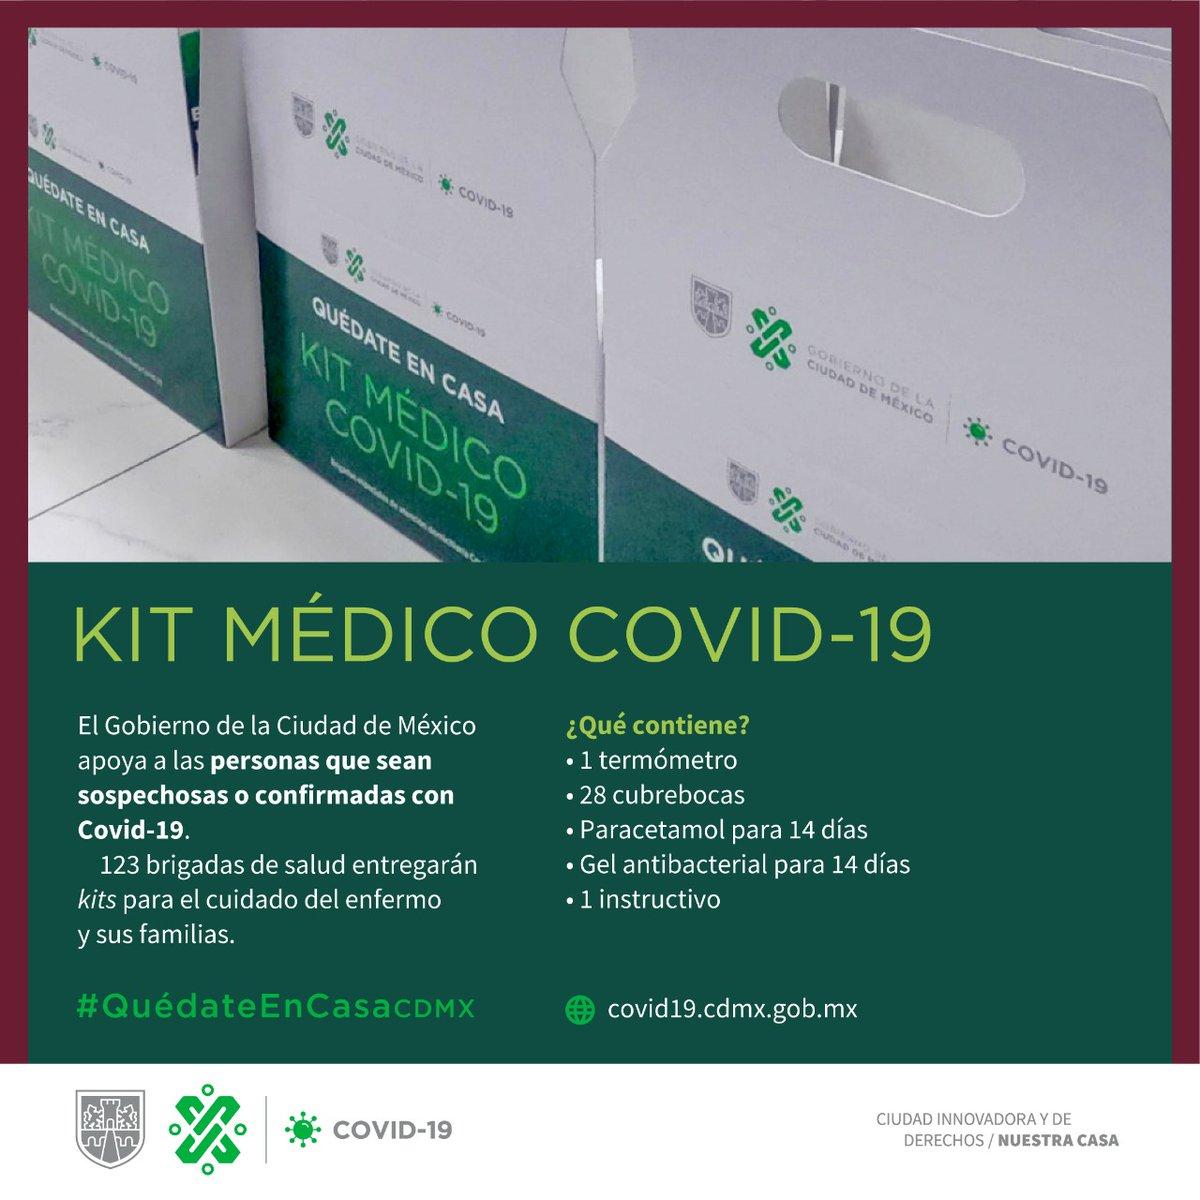 A través de las brigadas de salud, entregaremos kits en hogares para el cuidado de personas con #COVID19 y de sus familias.  #QuédateEnCasaCDMX